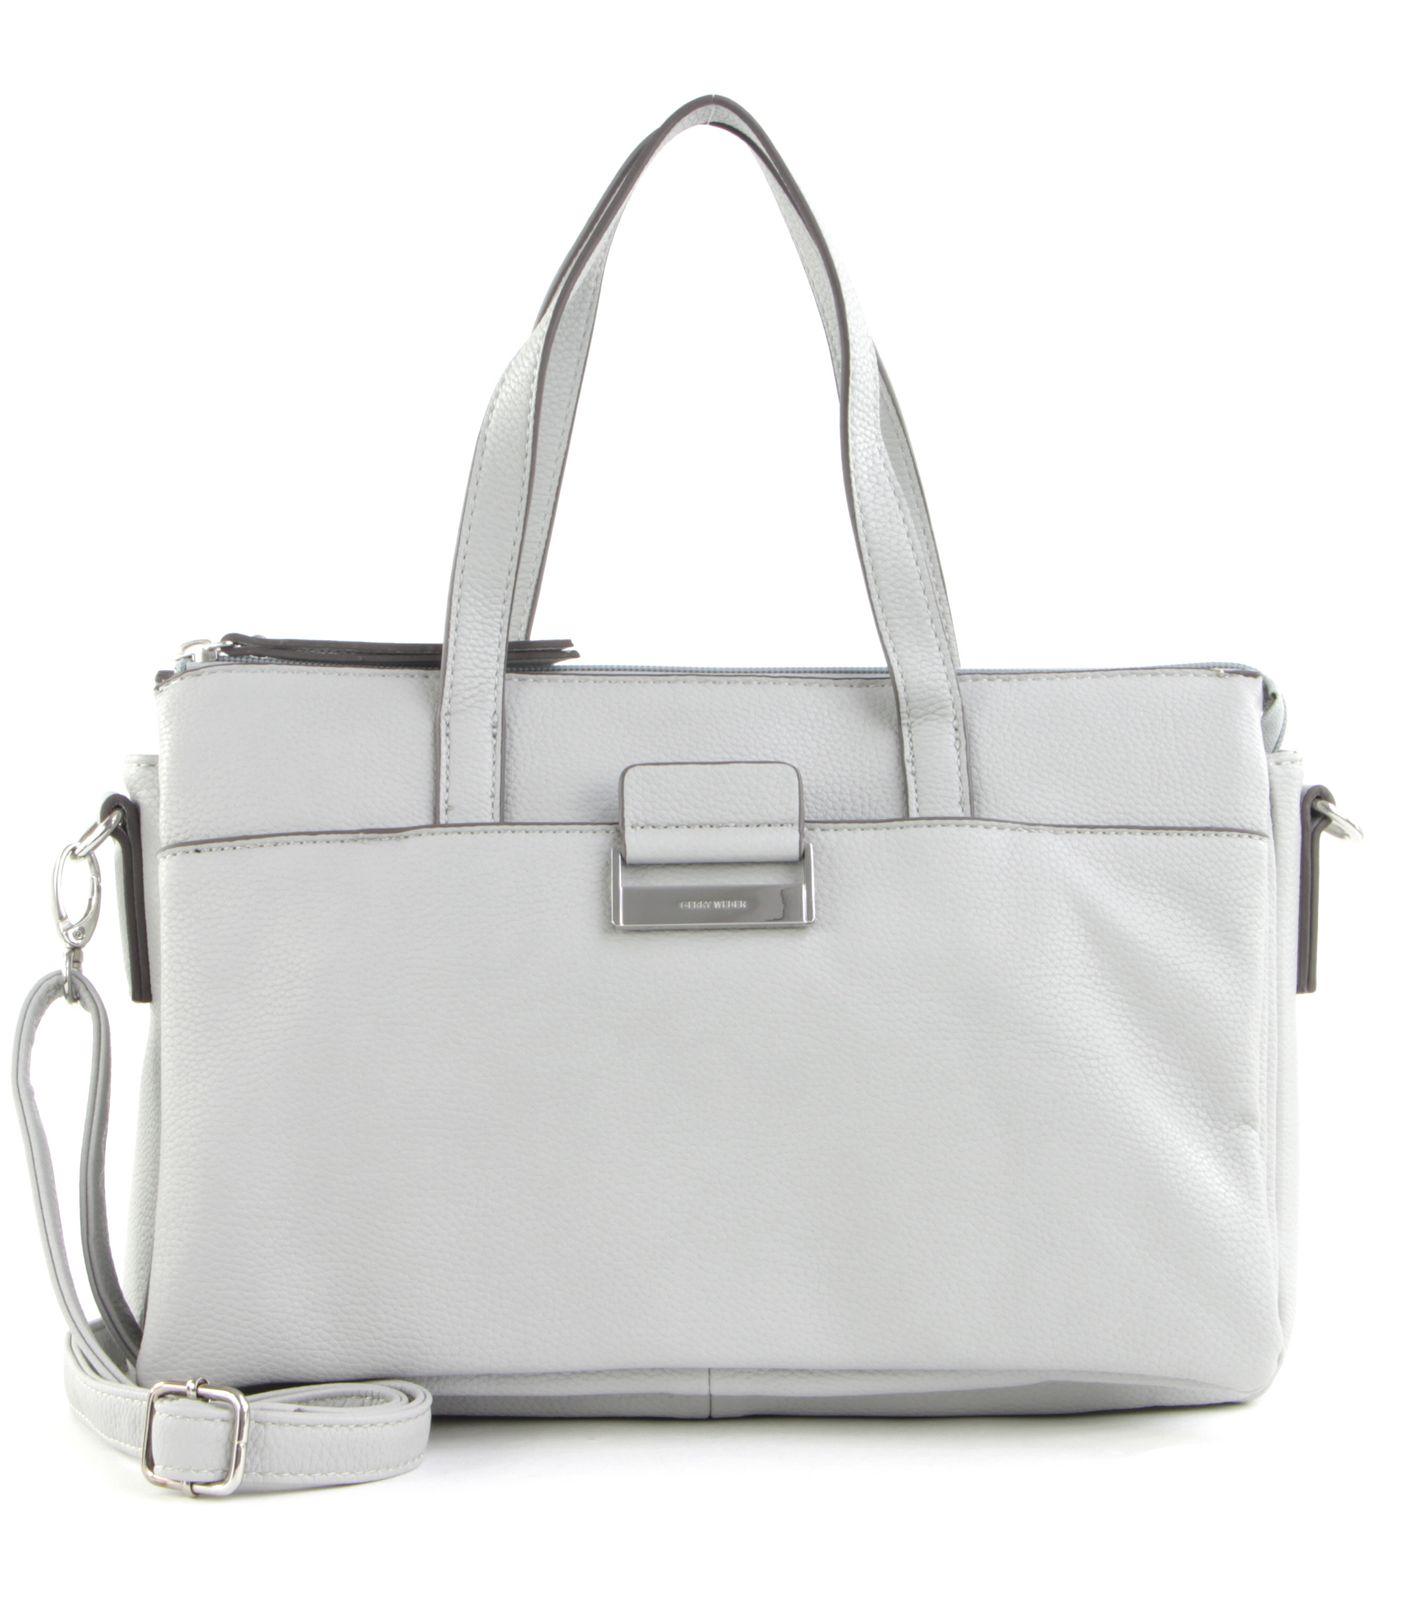 GERRY WEBER Talk Different II Handbag SHZ Opal Gray